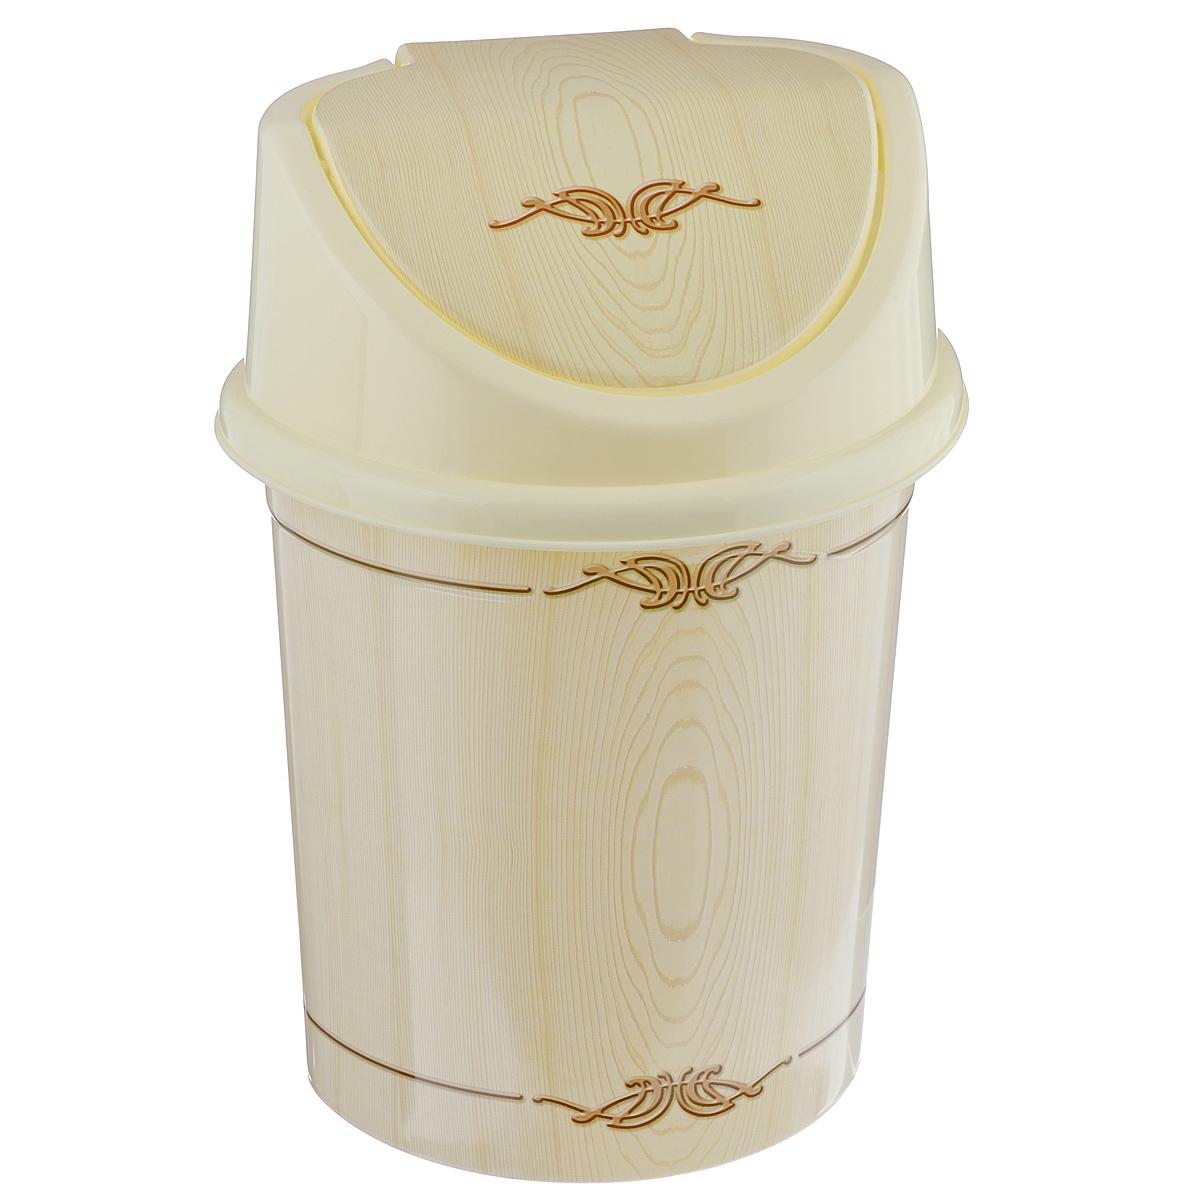 Контейнер для мусора Violet Беленый дуб, цвет: слоновая кость, коричневый, 4 л810372Контейнер для мусора Violet Беленый дуб изготовлен из прочного пластика. Контейнер снабжен удобной съемной крышкой с подвижной перегородкой. В нем удобно хранить мелкий мусор. Благодаря лаконичному дизайну такой контейнер идеально впишется в интерьер и дома, и офиса.Размер изделия: 16 см x 20 см x 27 см.